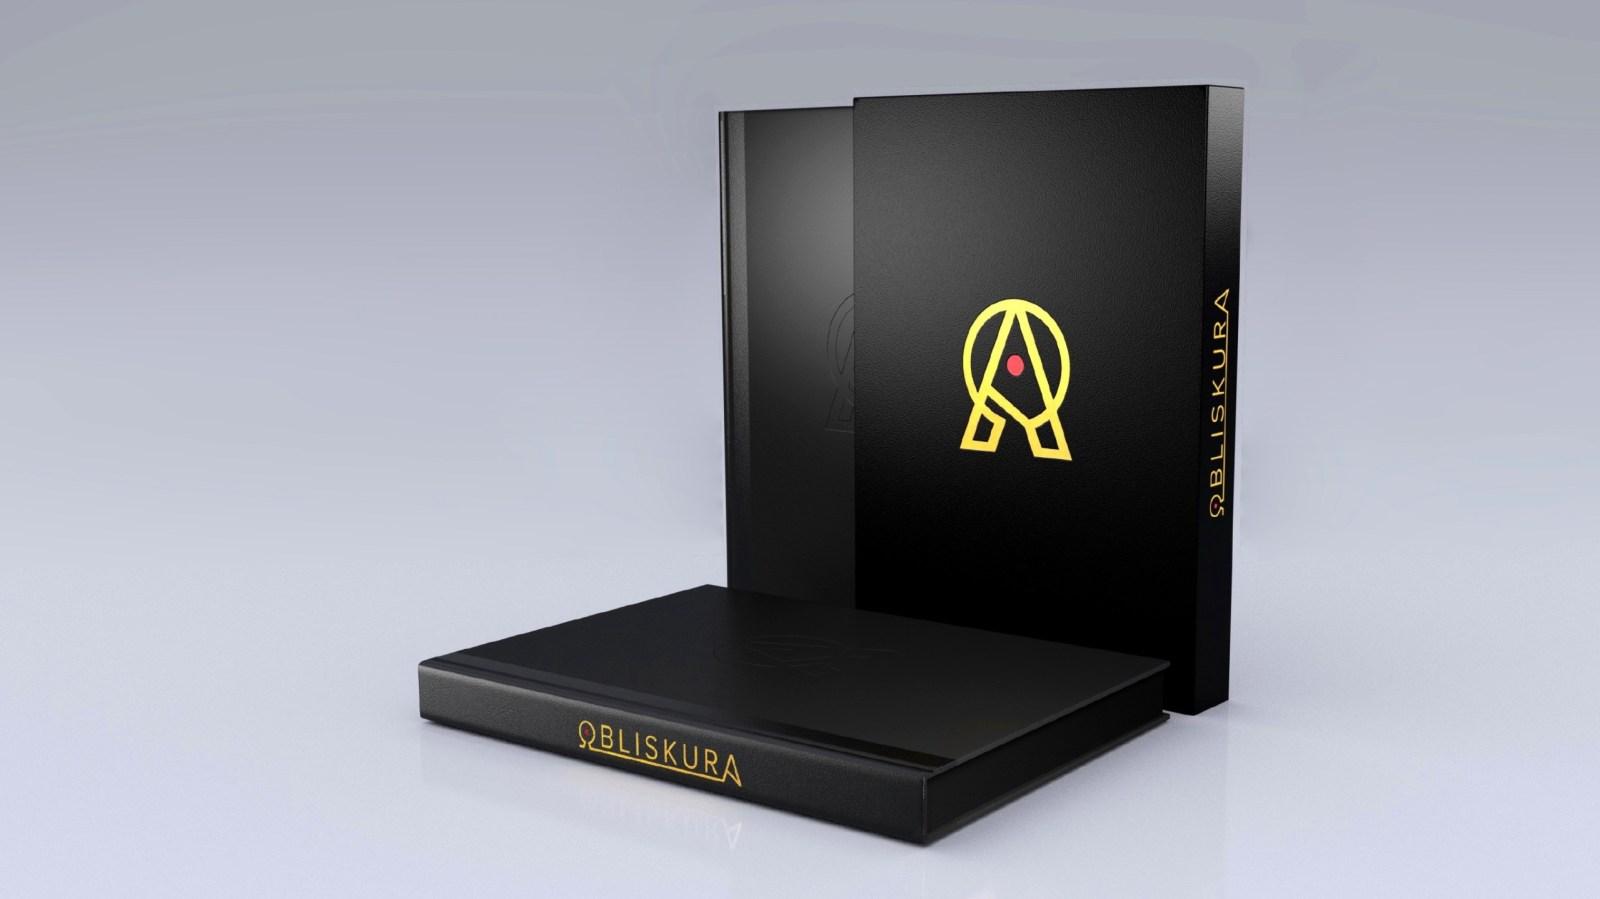 L'artbook obliskura d'Alex Konstad et son coffret noir doré.